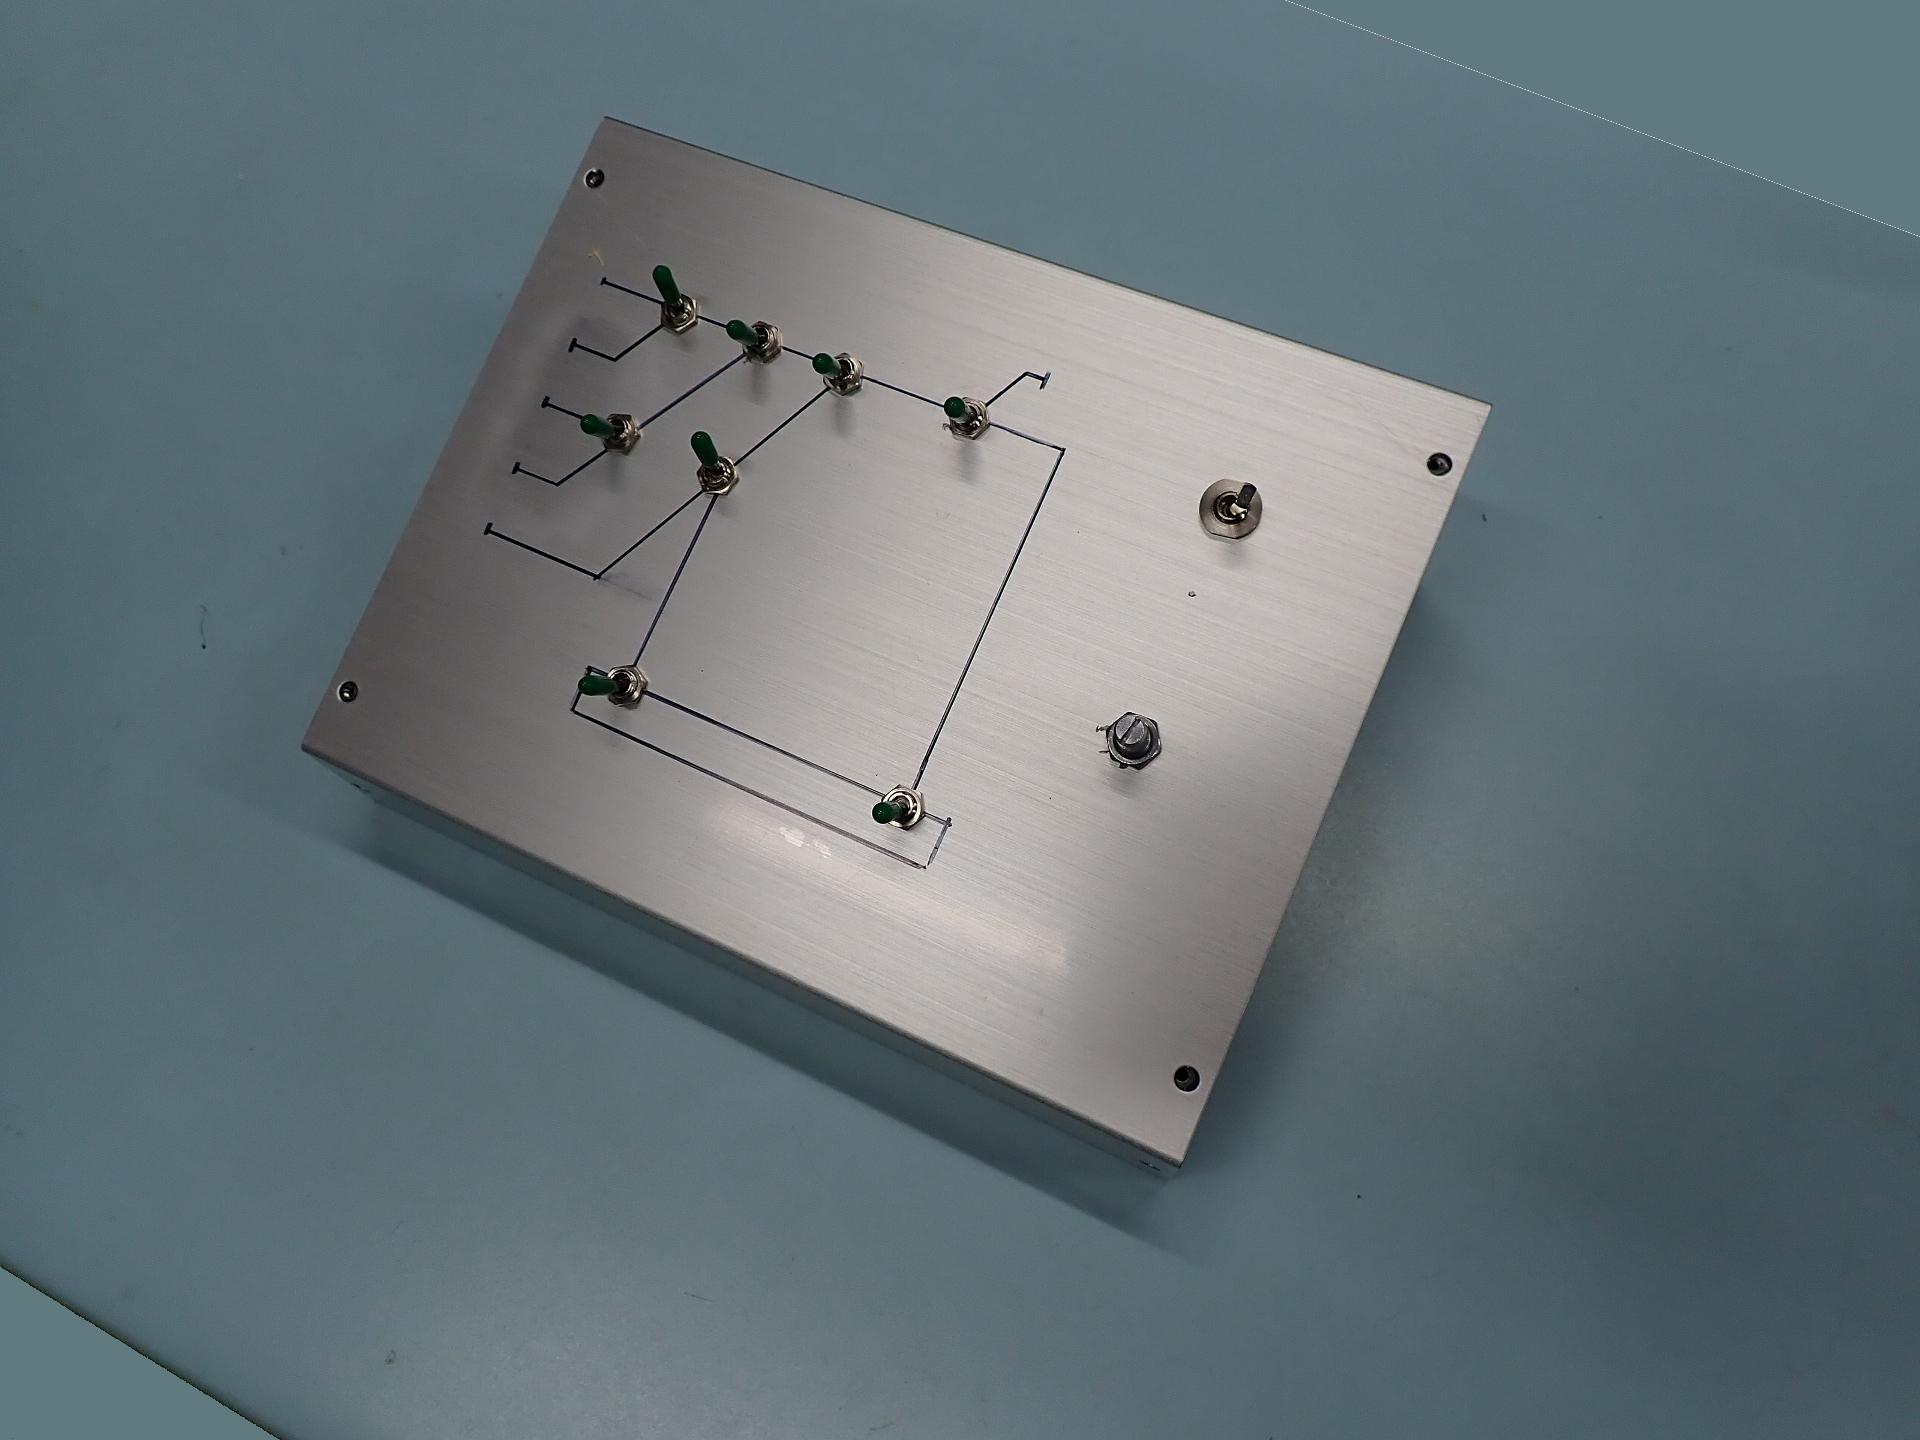 コントローラーとポイントスイッチを一体化したパックを製作中です。